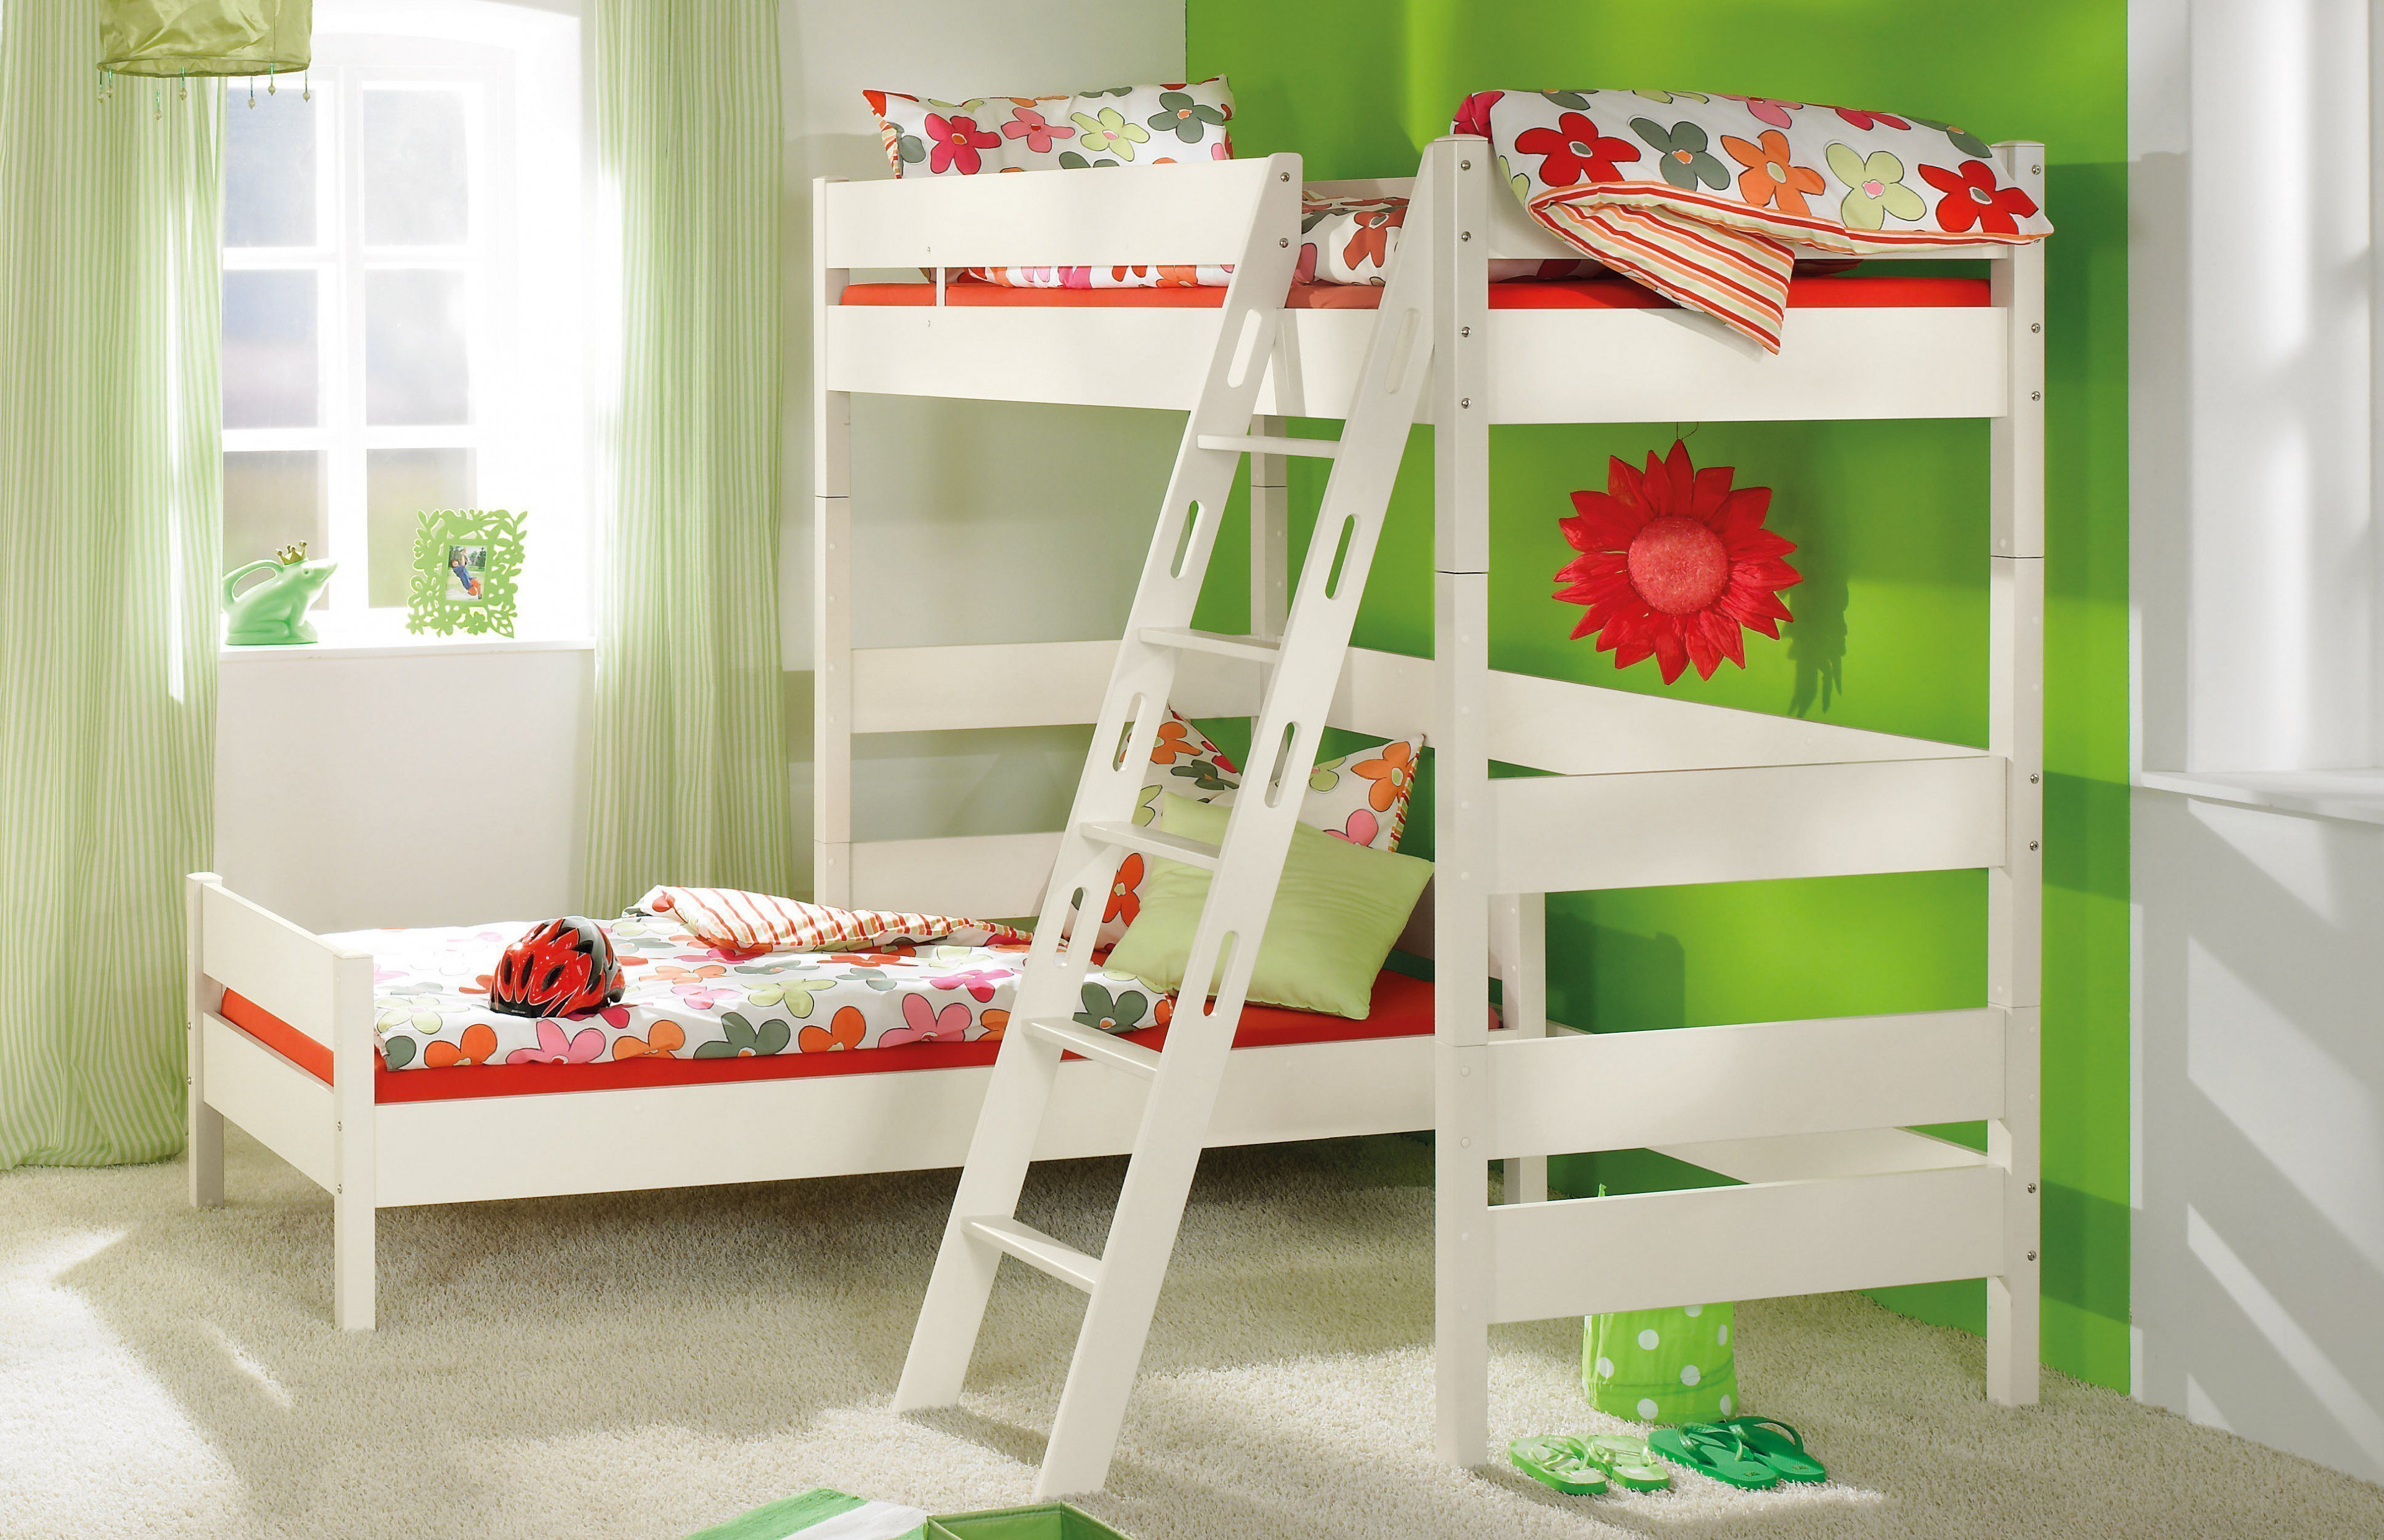 Paidi kinderzimmer biancomo ecru m bel letz ihr online shop for Kinderzimmer paidi